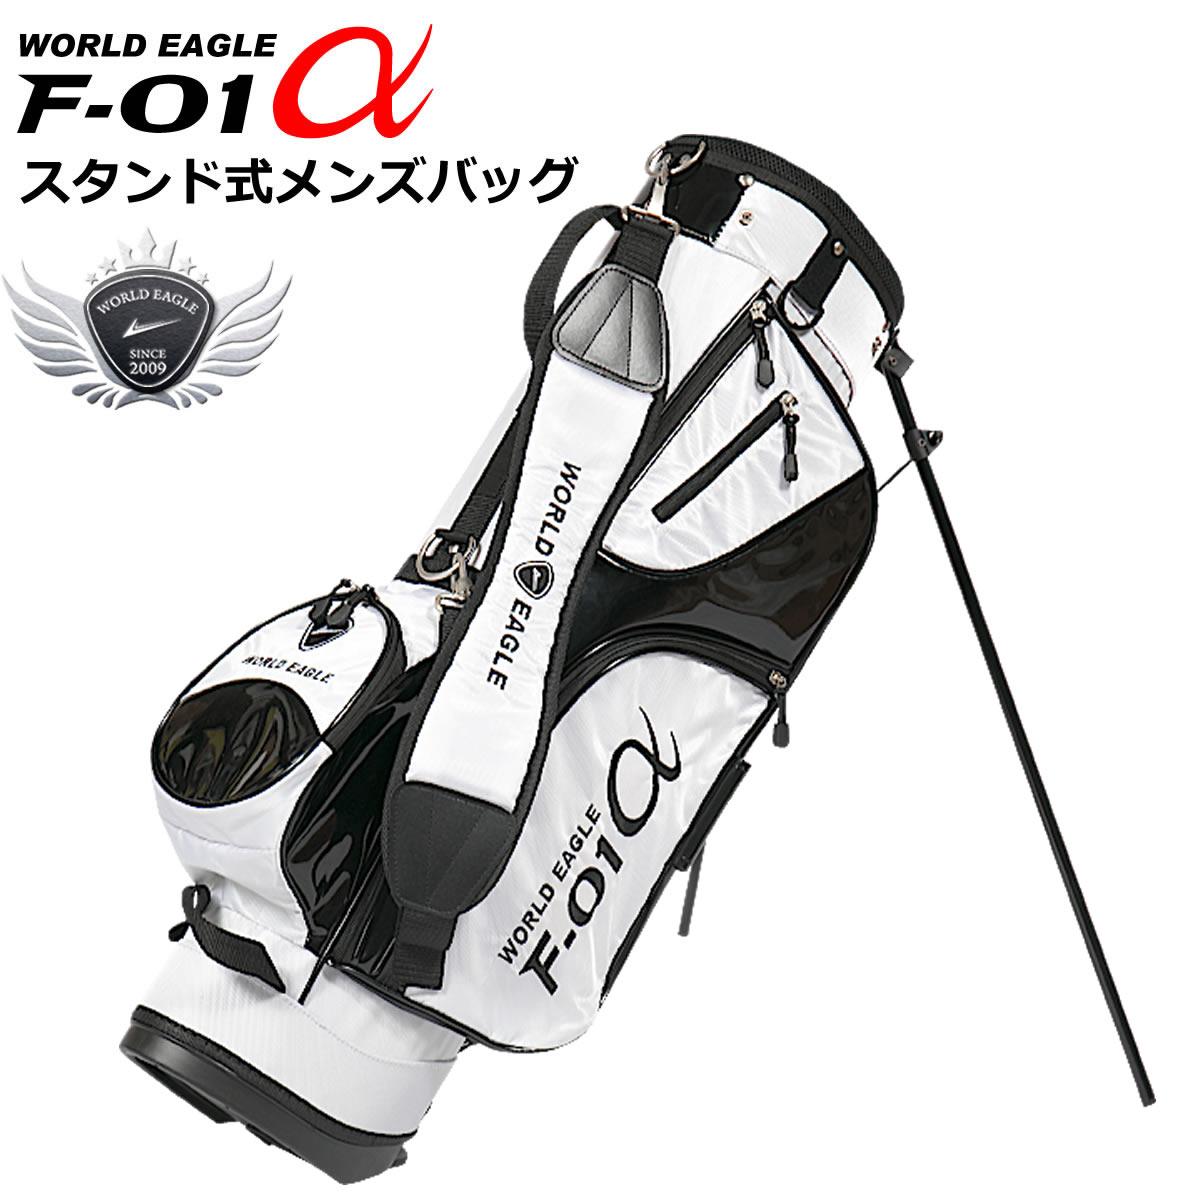 ゴルフバック F-01 スタンドバッグ スタンドにより安定性・利便性も向上 キャディバッグ カートバッグ 井戸木プロ推薦【add-option】